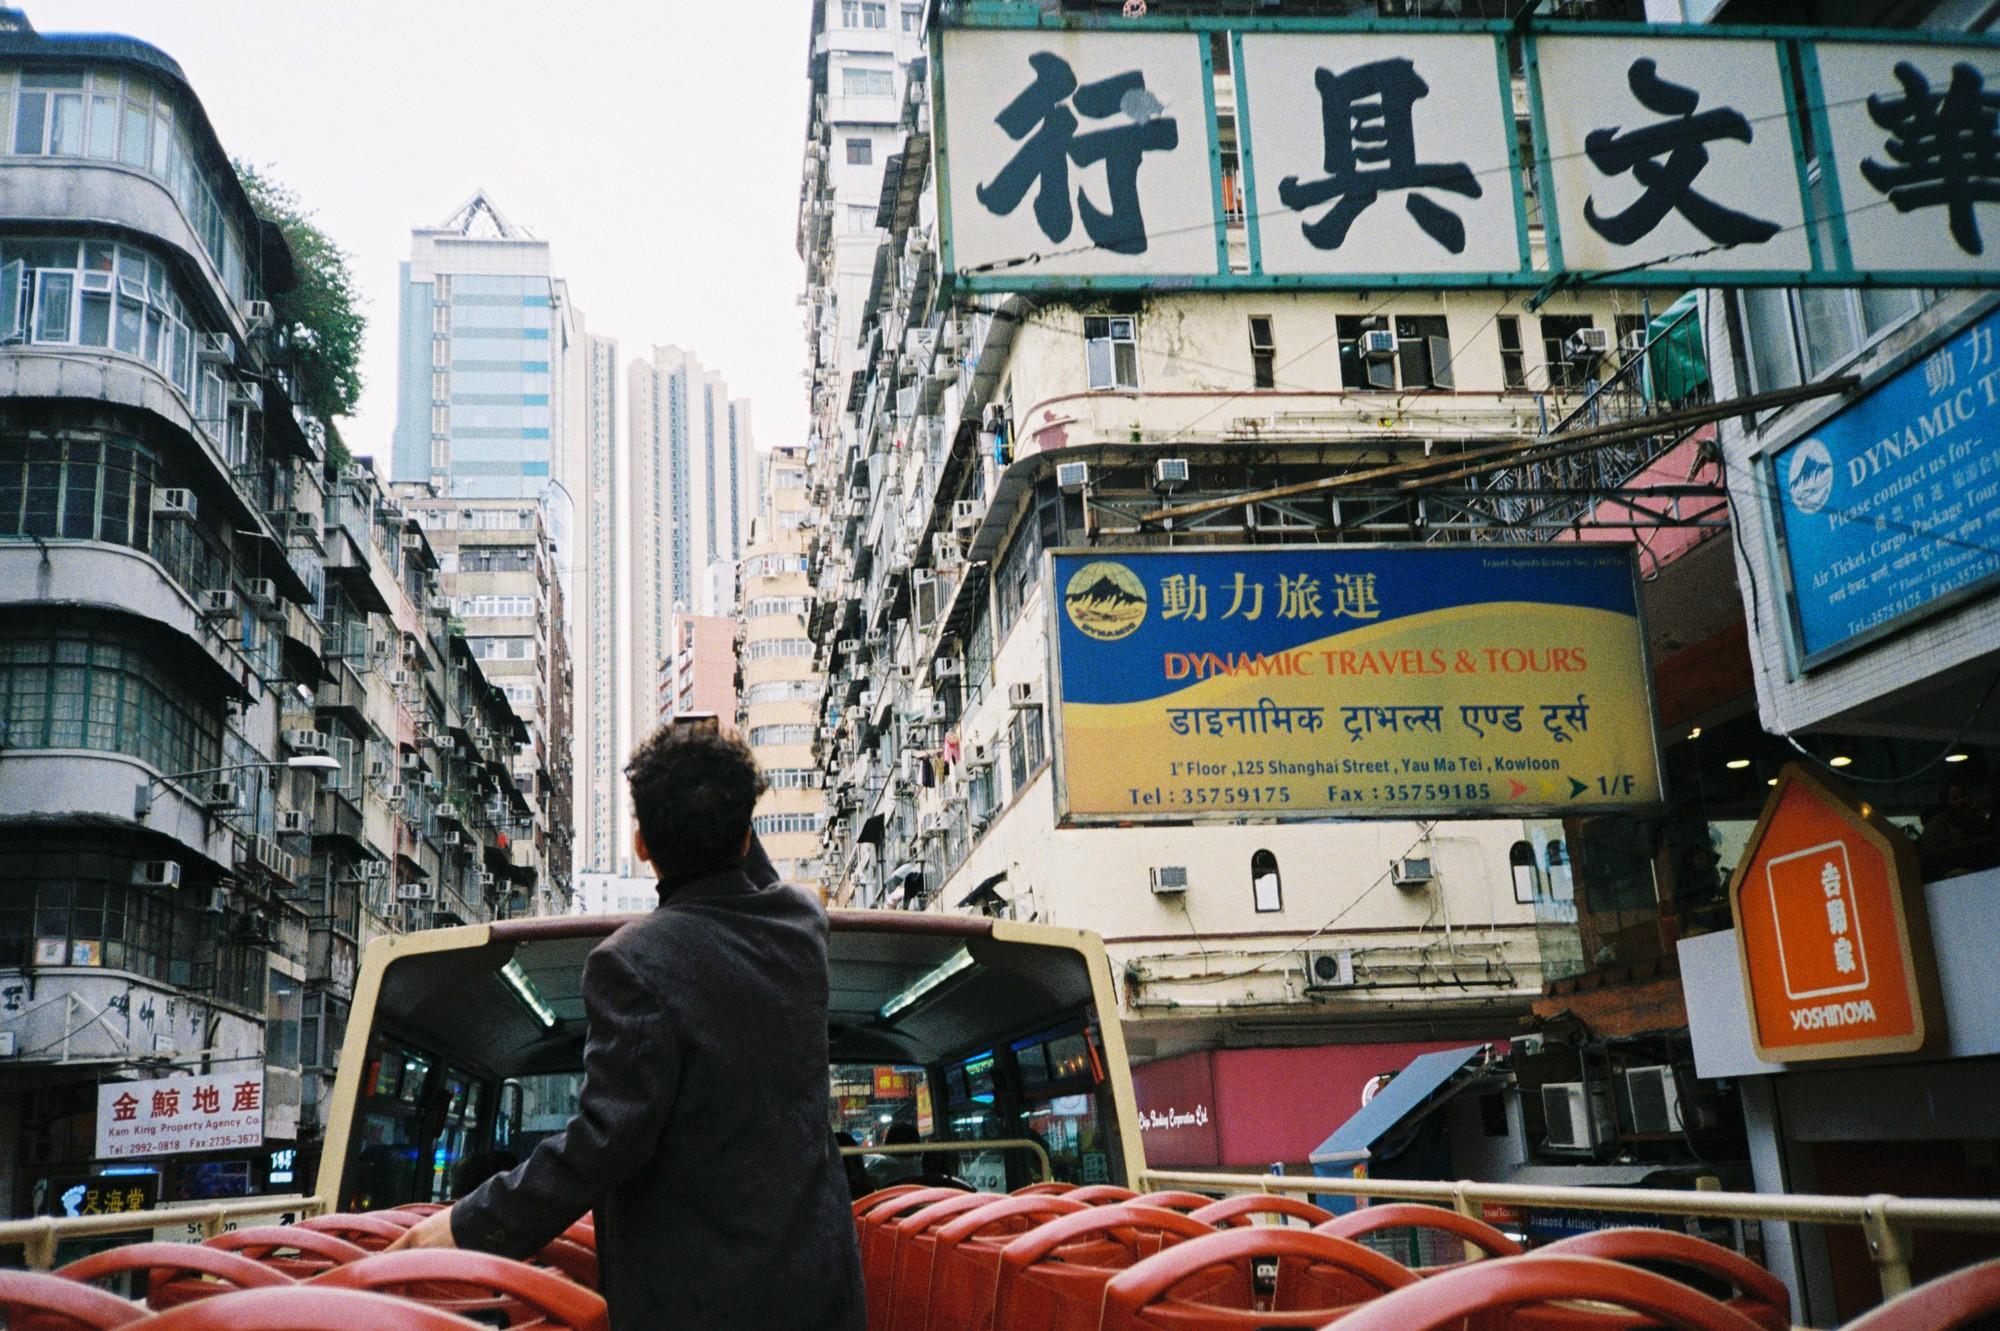 Hong Kong đẹp đến ngỡ ngàng qua những thước ảnh film của chàng trai Sài Gòn: Ai mà ngờ những tấm hình này được chụp vào năm 2019 kia chứ! - Ảnh 7.